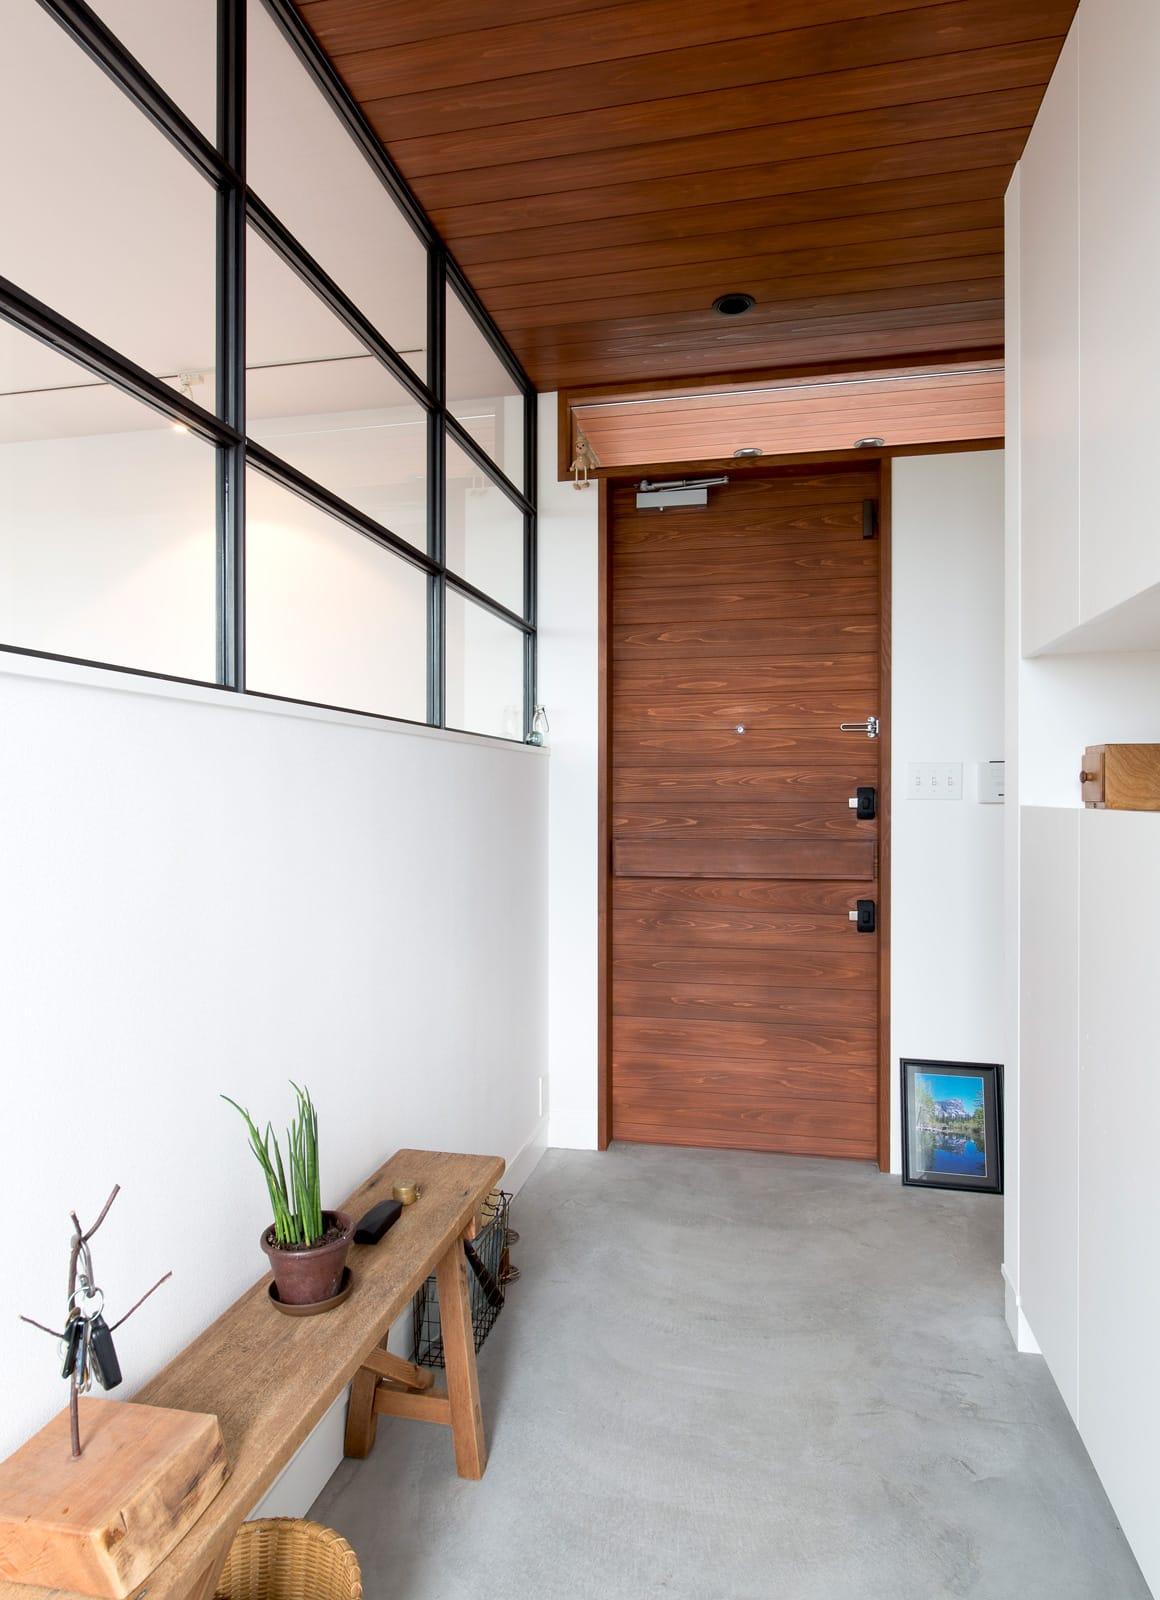 傾斜地に建つアウトドアデッキのある家の玄関(土間・ホール)3